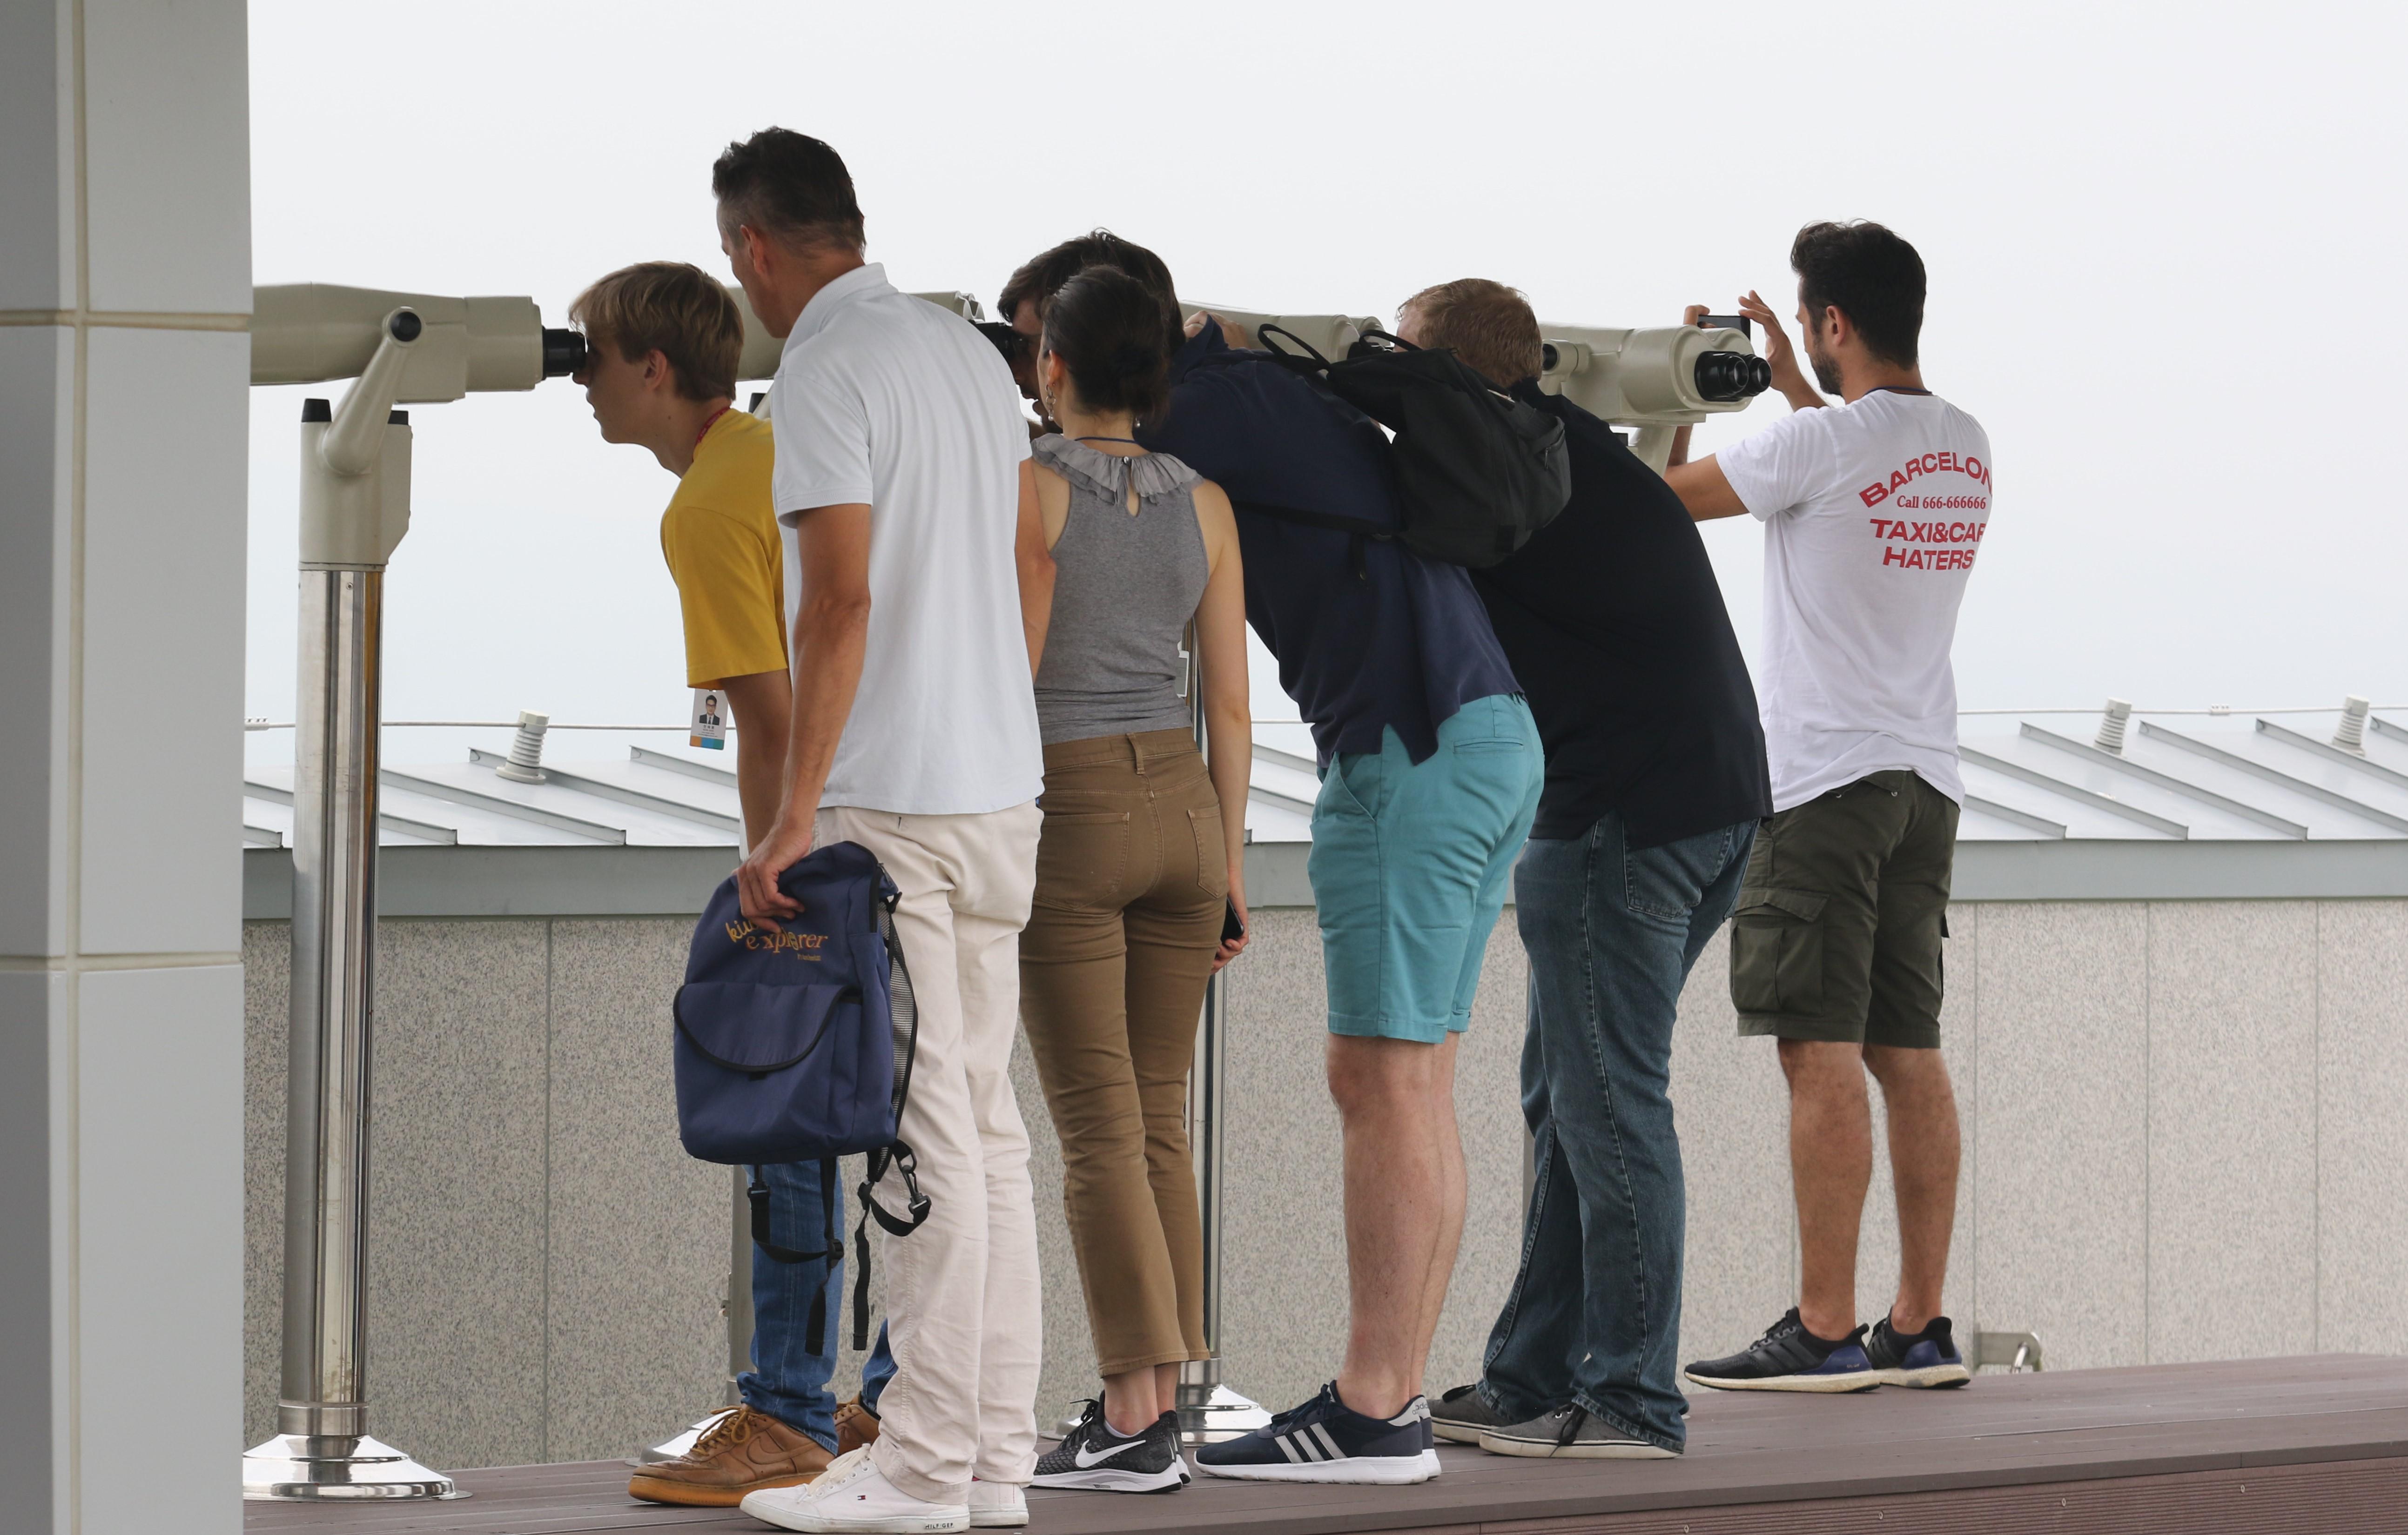 한국 국적의 사람들의 입장은 엄격하게 제한적으로만 허용되는 휴전선 안에서 외국 관광객들이  전망대에 설치된 망원경을 통해 휴전선 너머의 북녘땅을 바라보고 있다. 사진, 김응선 목사, 연합감리교뉴스.